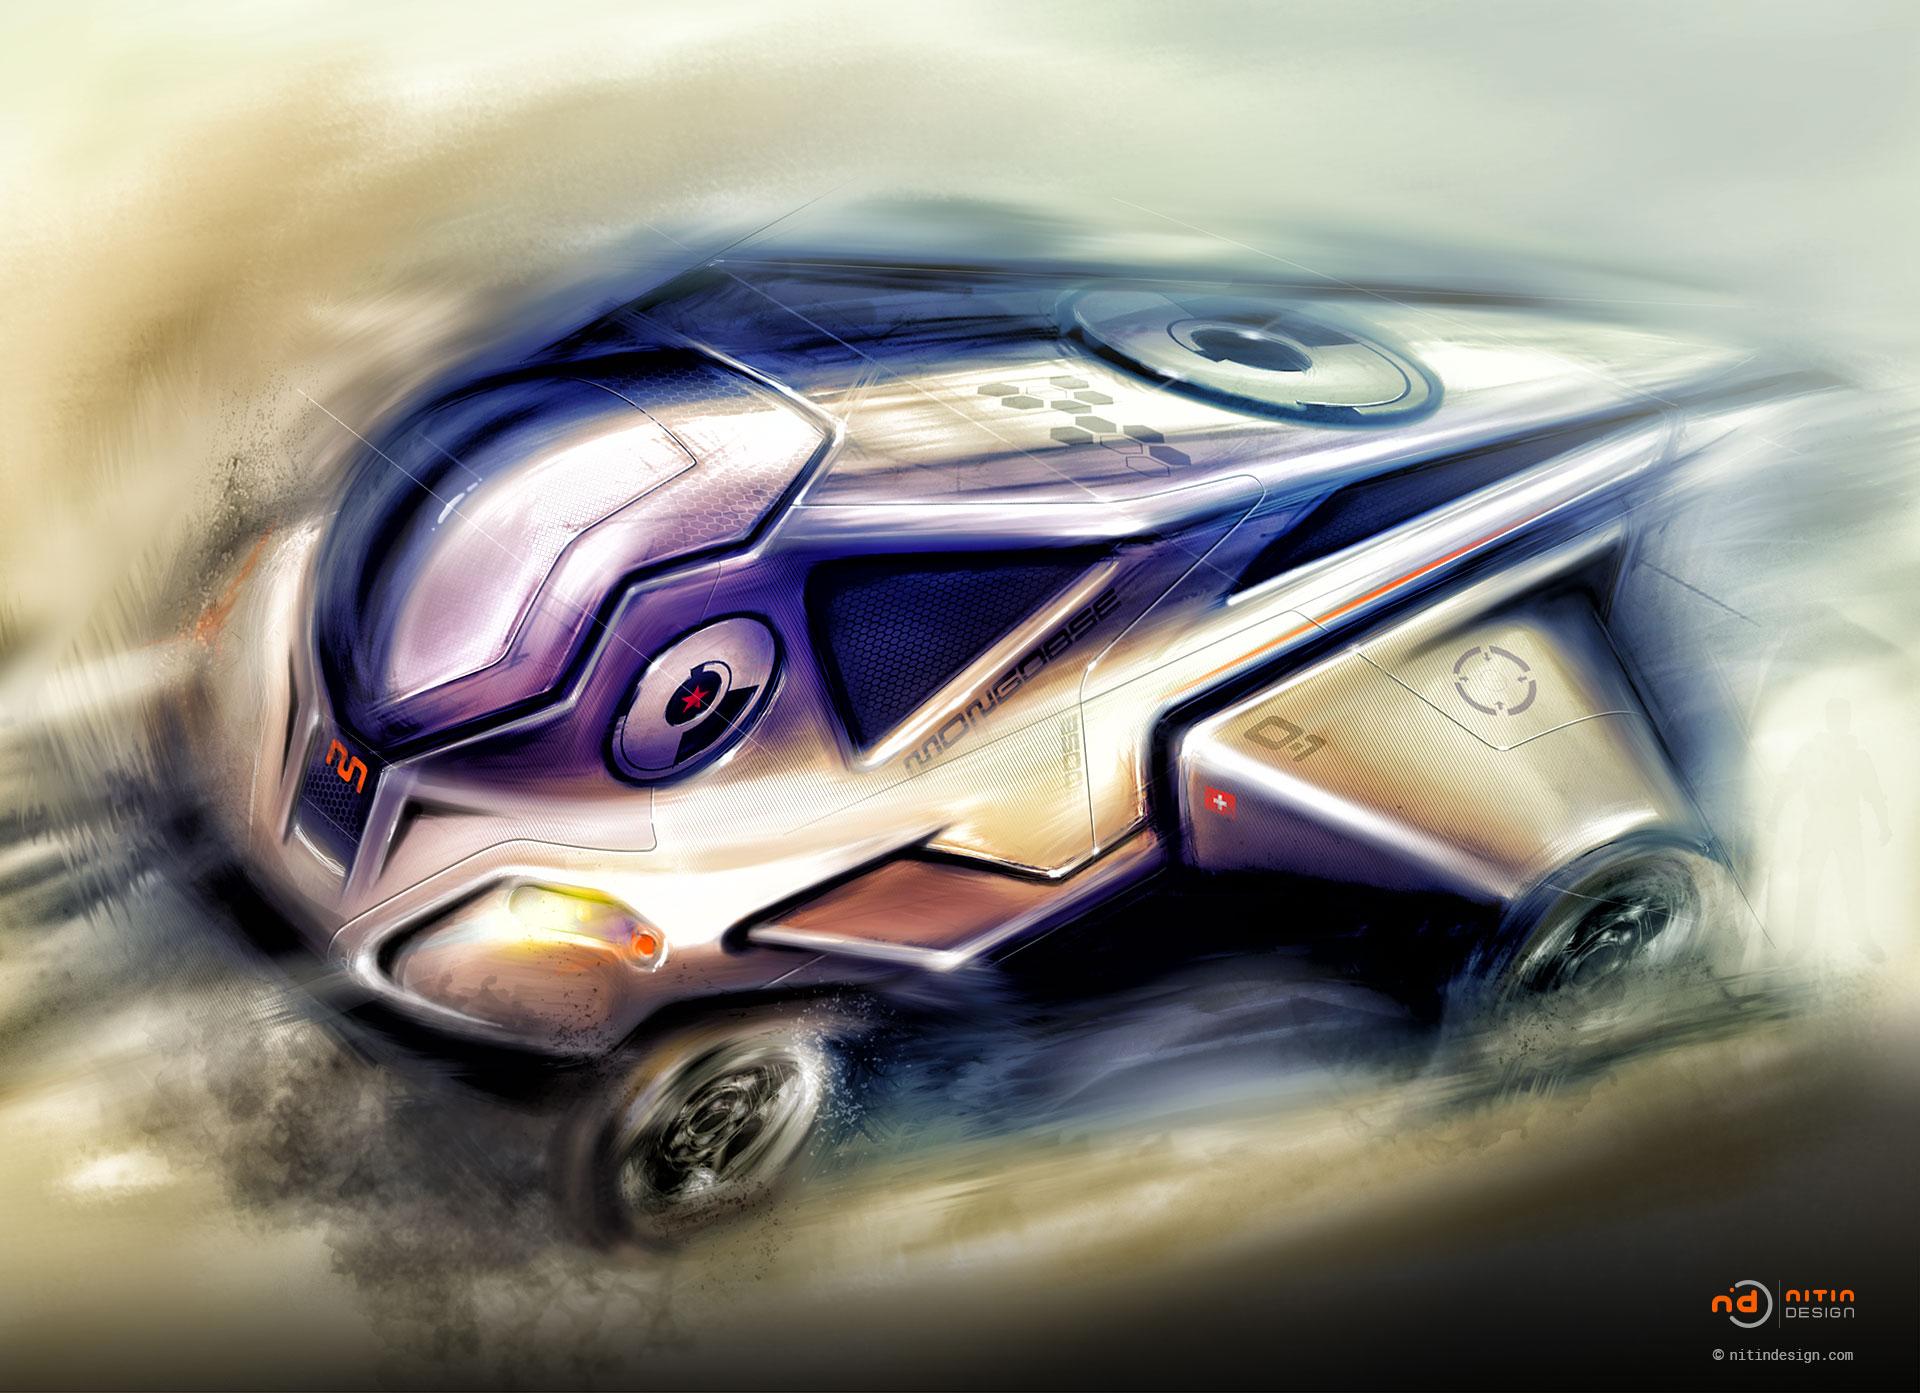 Mongoose-Vehicle-Nitin-Design